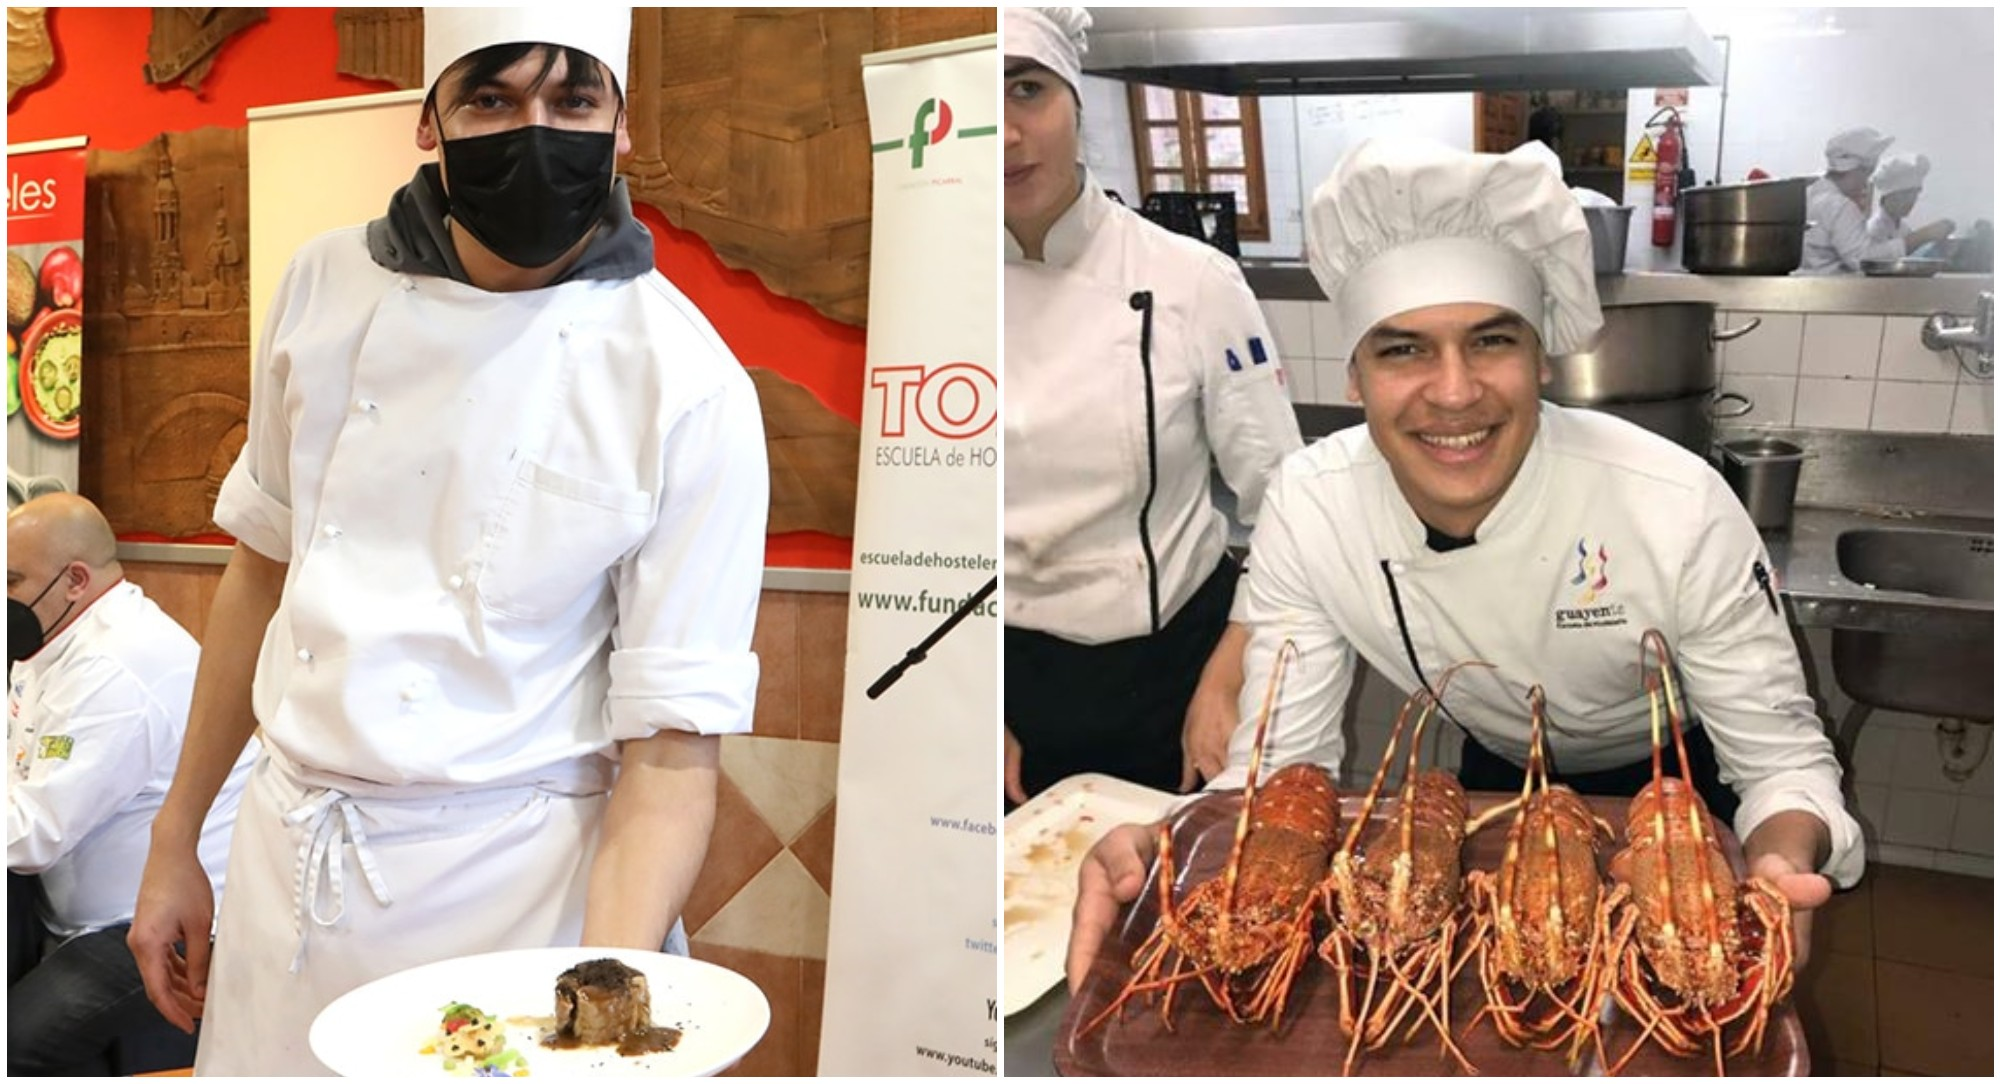 Chef hondureño está compitiendo en concurso culinario de España